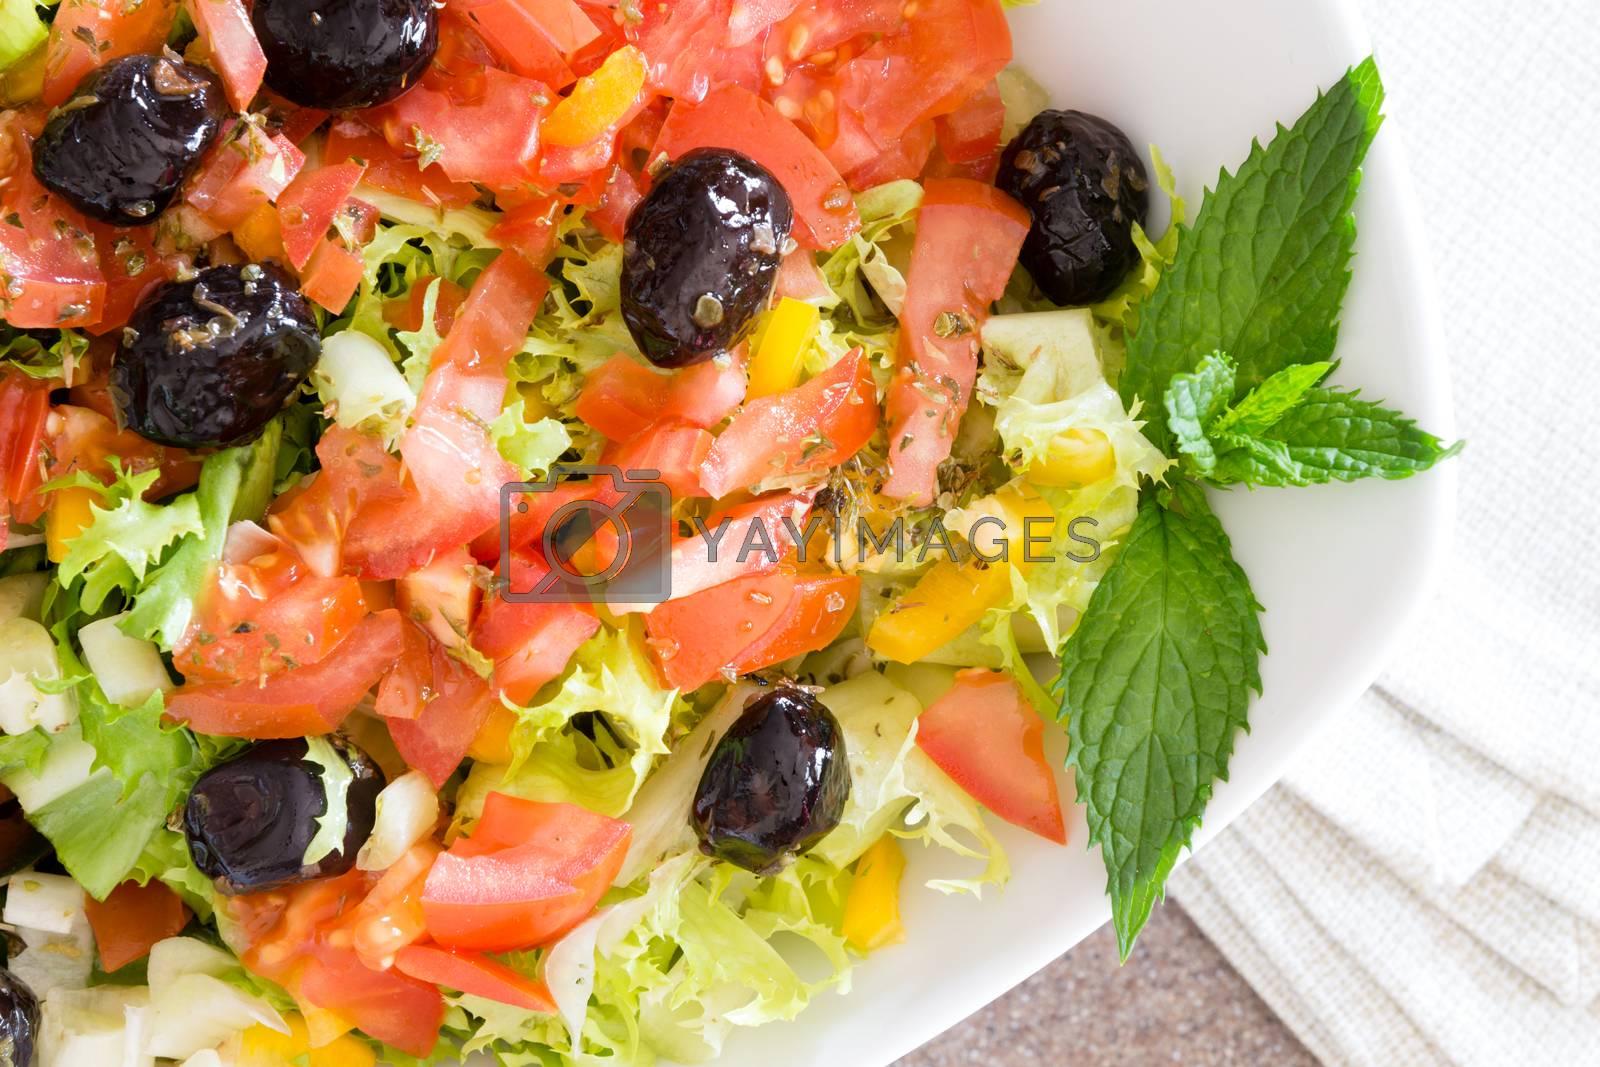 Royalty free image of Healthy farm fresh Mediterranean salad by coskun